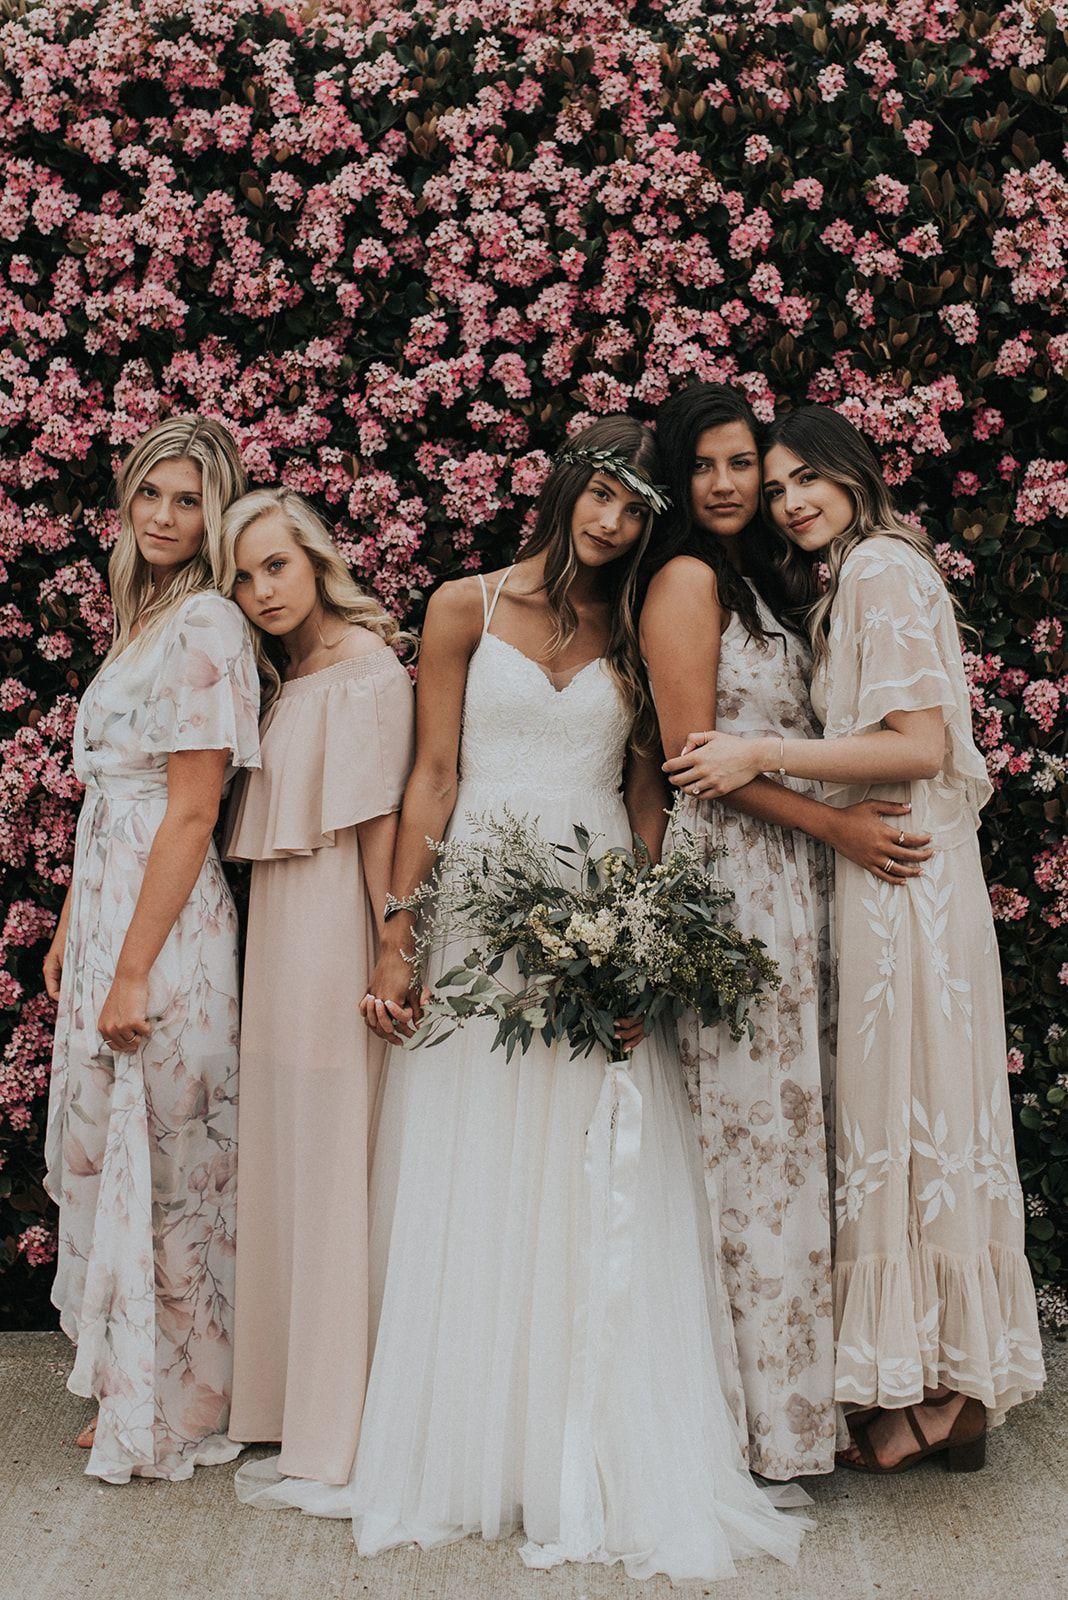 Taylor Noah Sunset Cliffs Wedding Fall Bridesmaid Dresses Wedding Bridesmaid Dresses Bridesmaid Dresses [ 1600 x 1068 Pixel ]